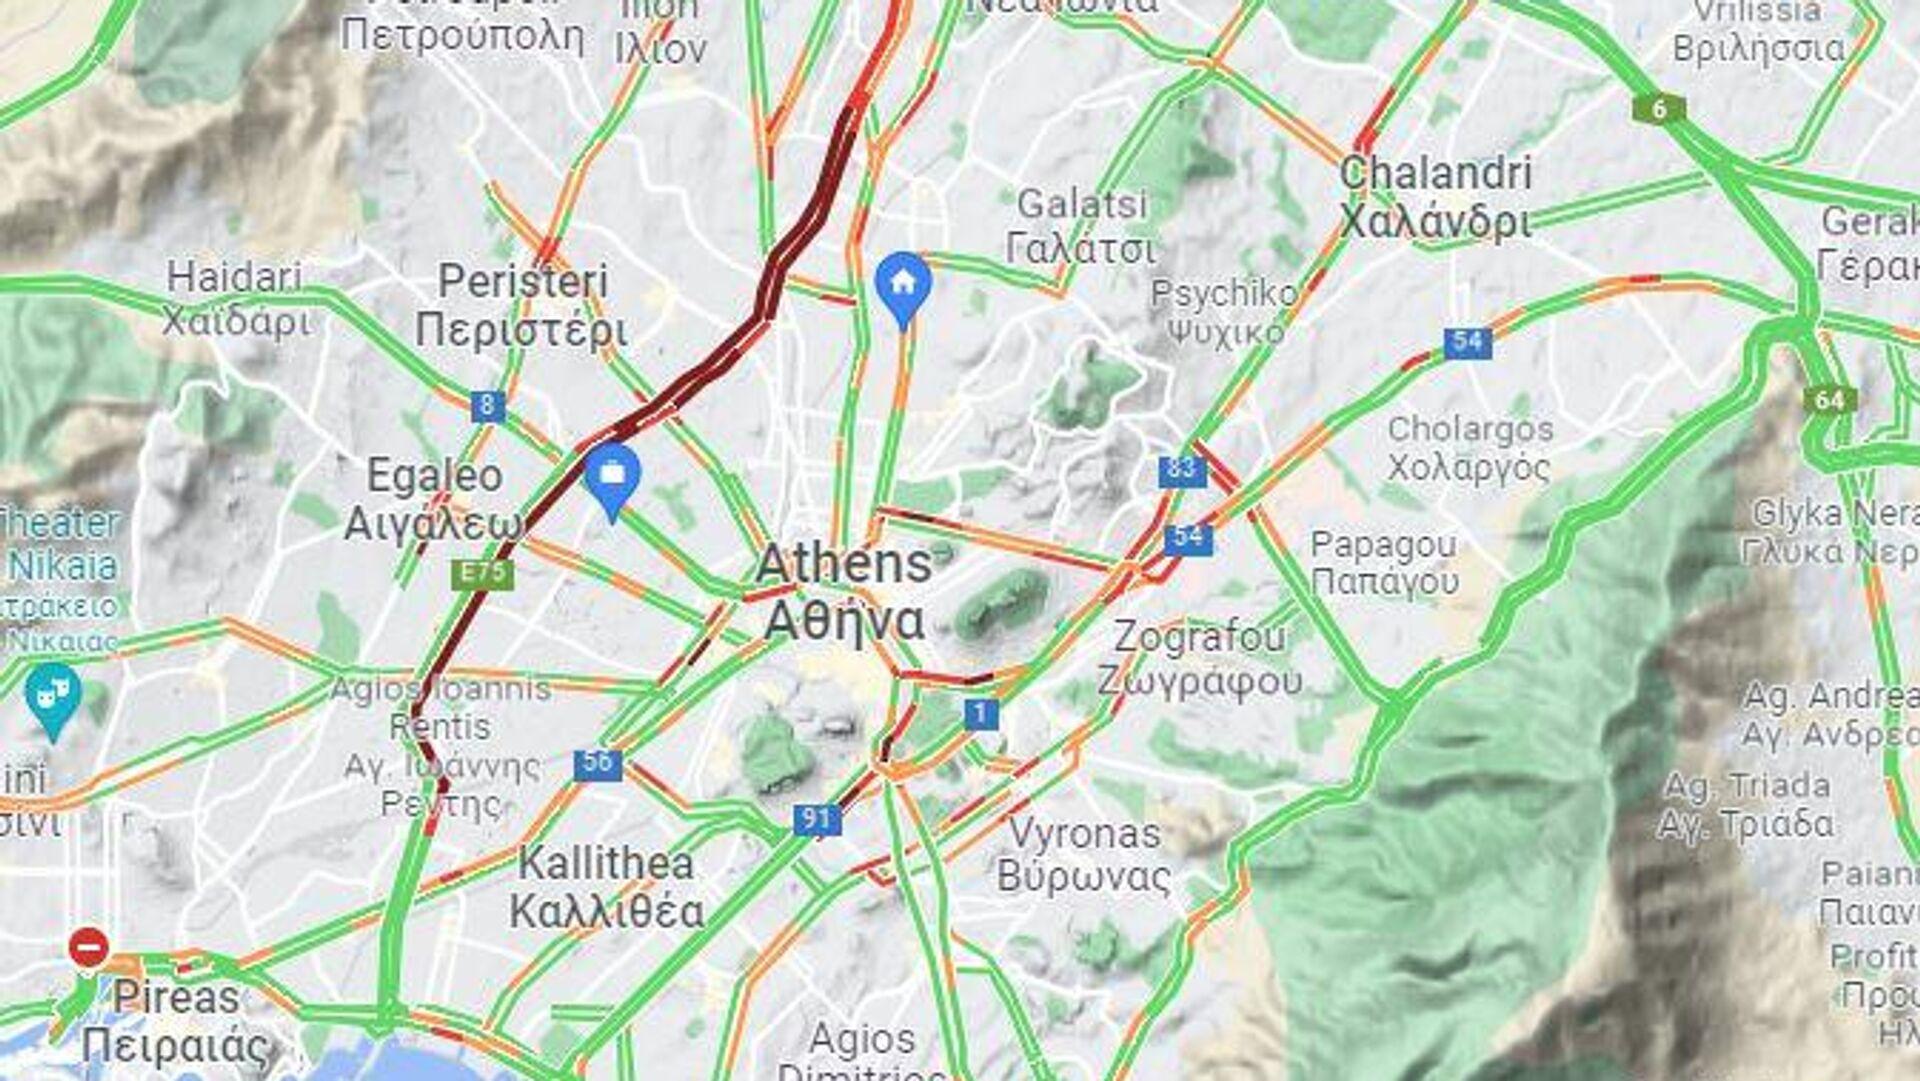 Κίνηση τώρα στους δρόμους (22/9 - 11:15) - Sputnik Ελλάδα, 1920, 22.09.2021